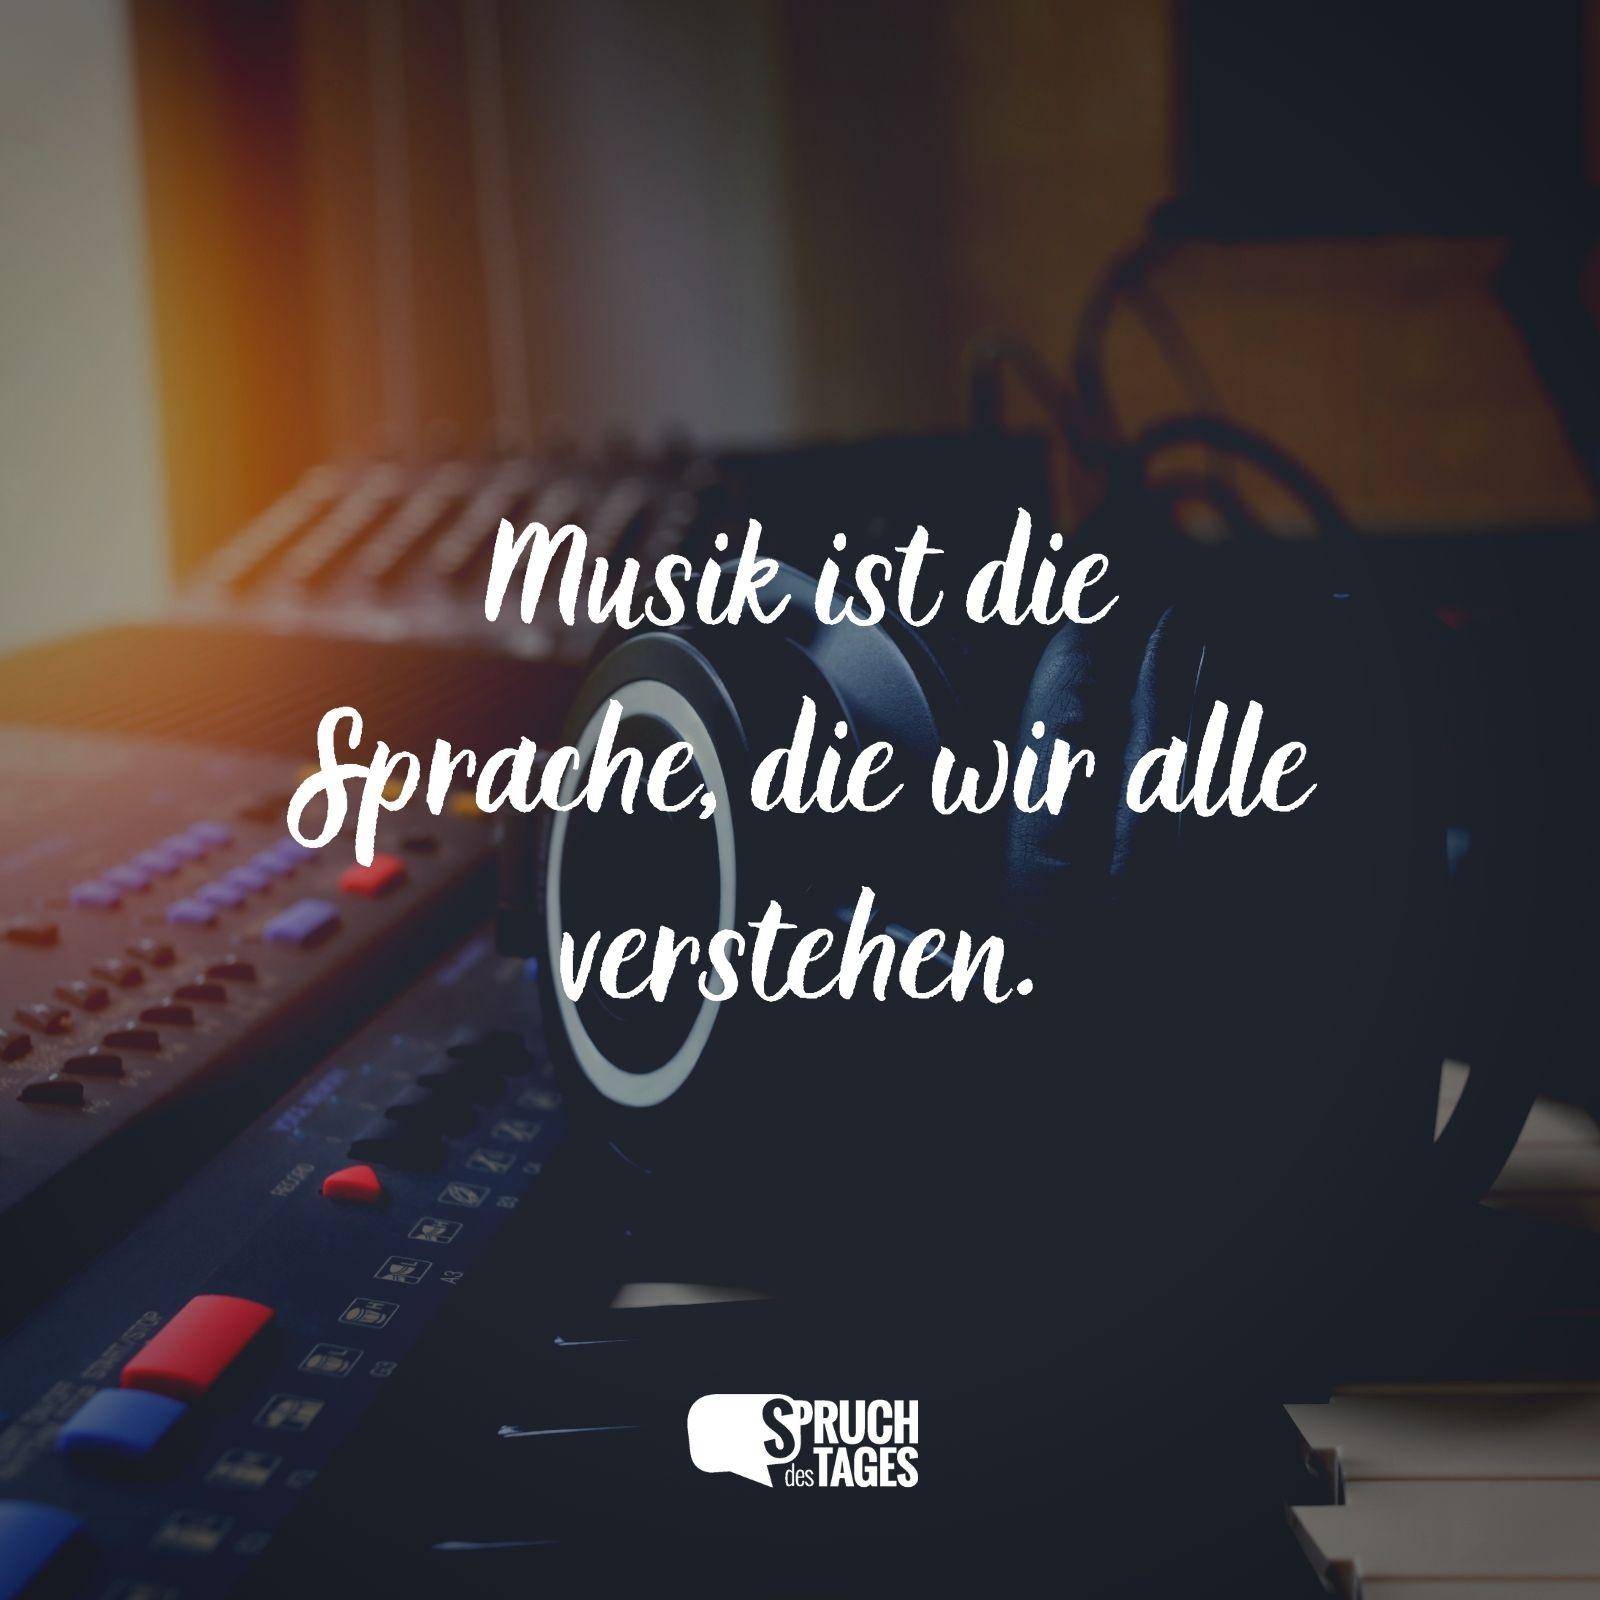 sprüche mit musik Musik ist die Sprache, die wir alle verstehen. sprüche mit musik